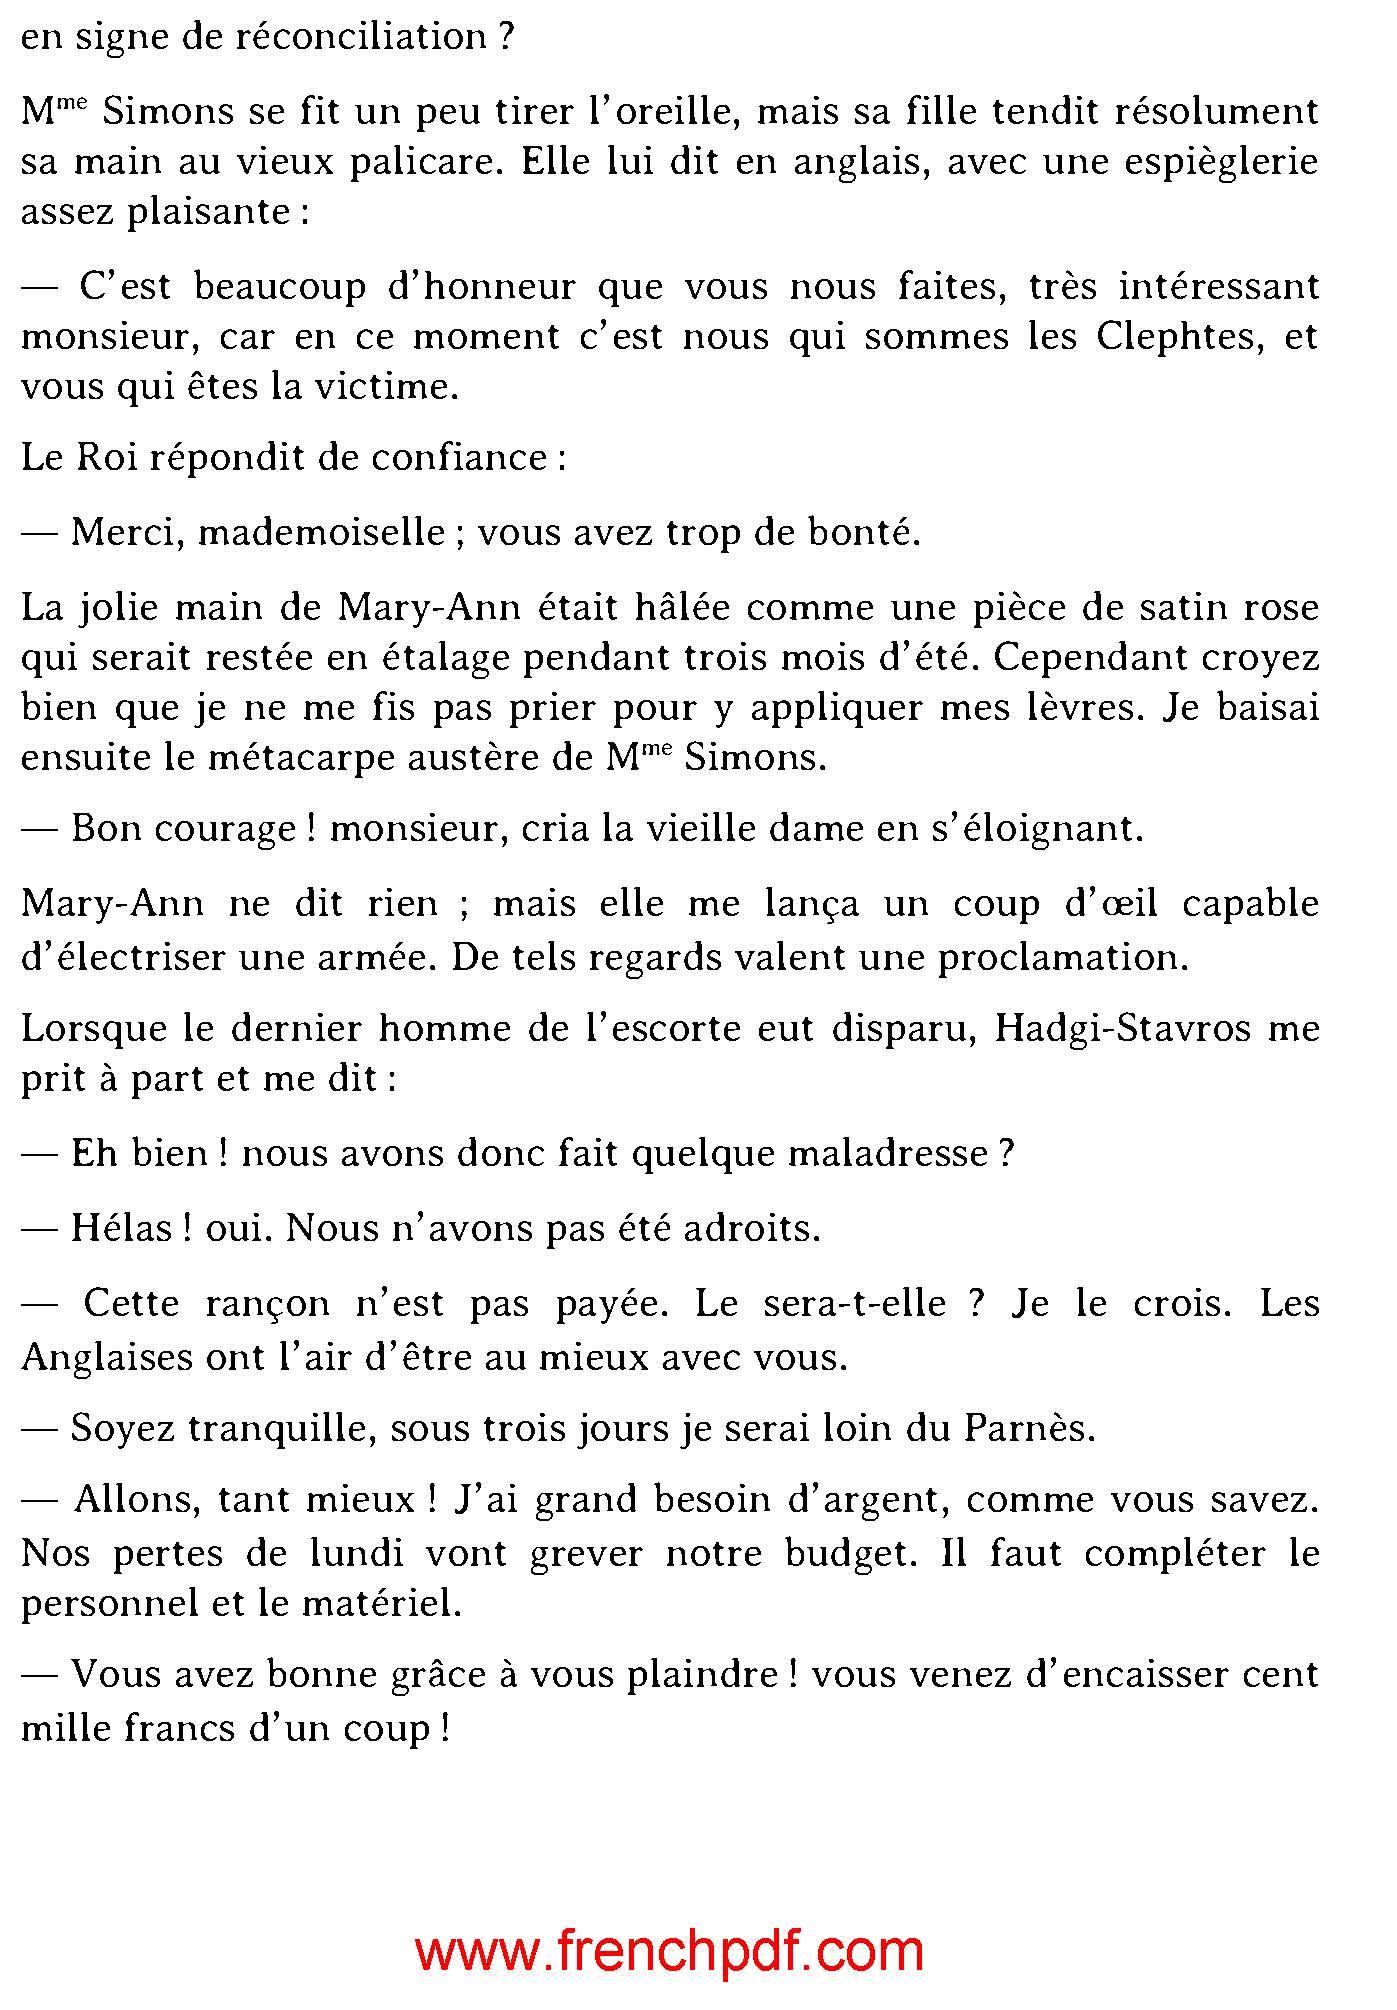 Le roi des montagnes PDF de Edmond About 3